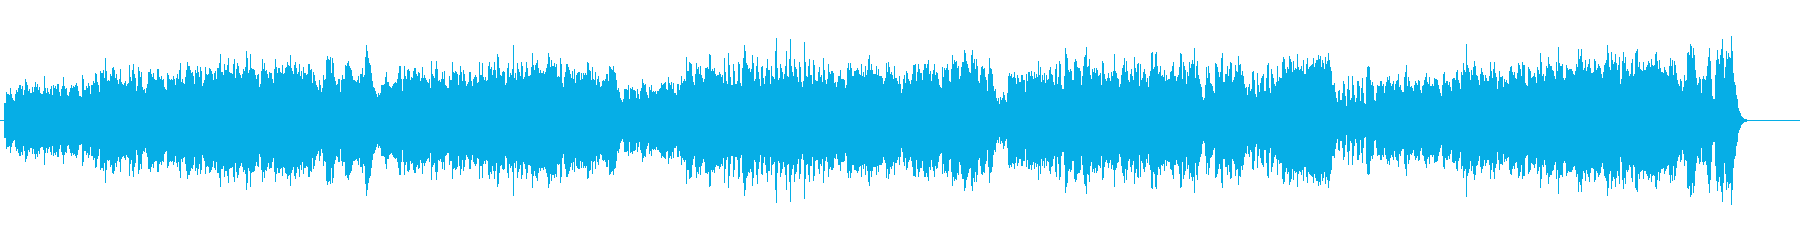 【オーケストラ】騎士の踊りの再生済みの波形